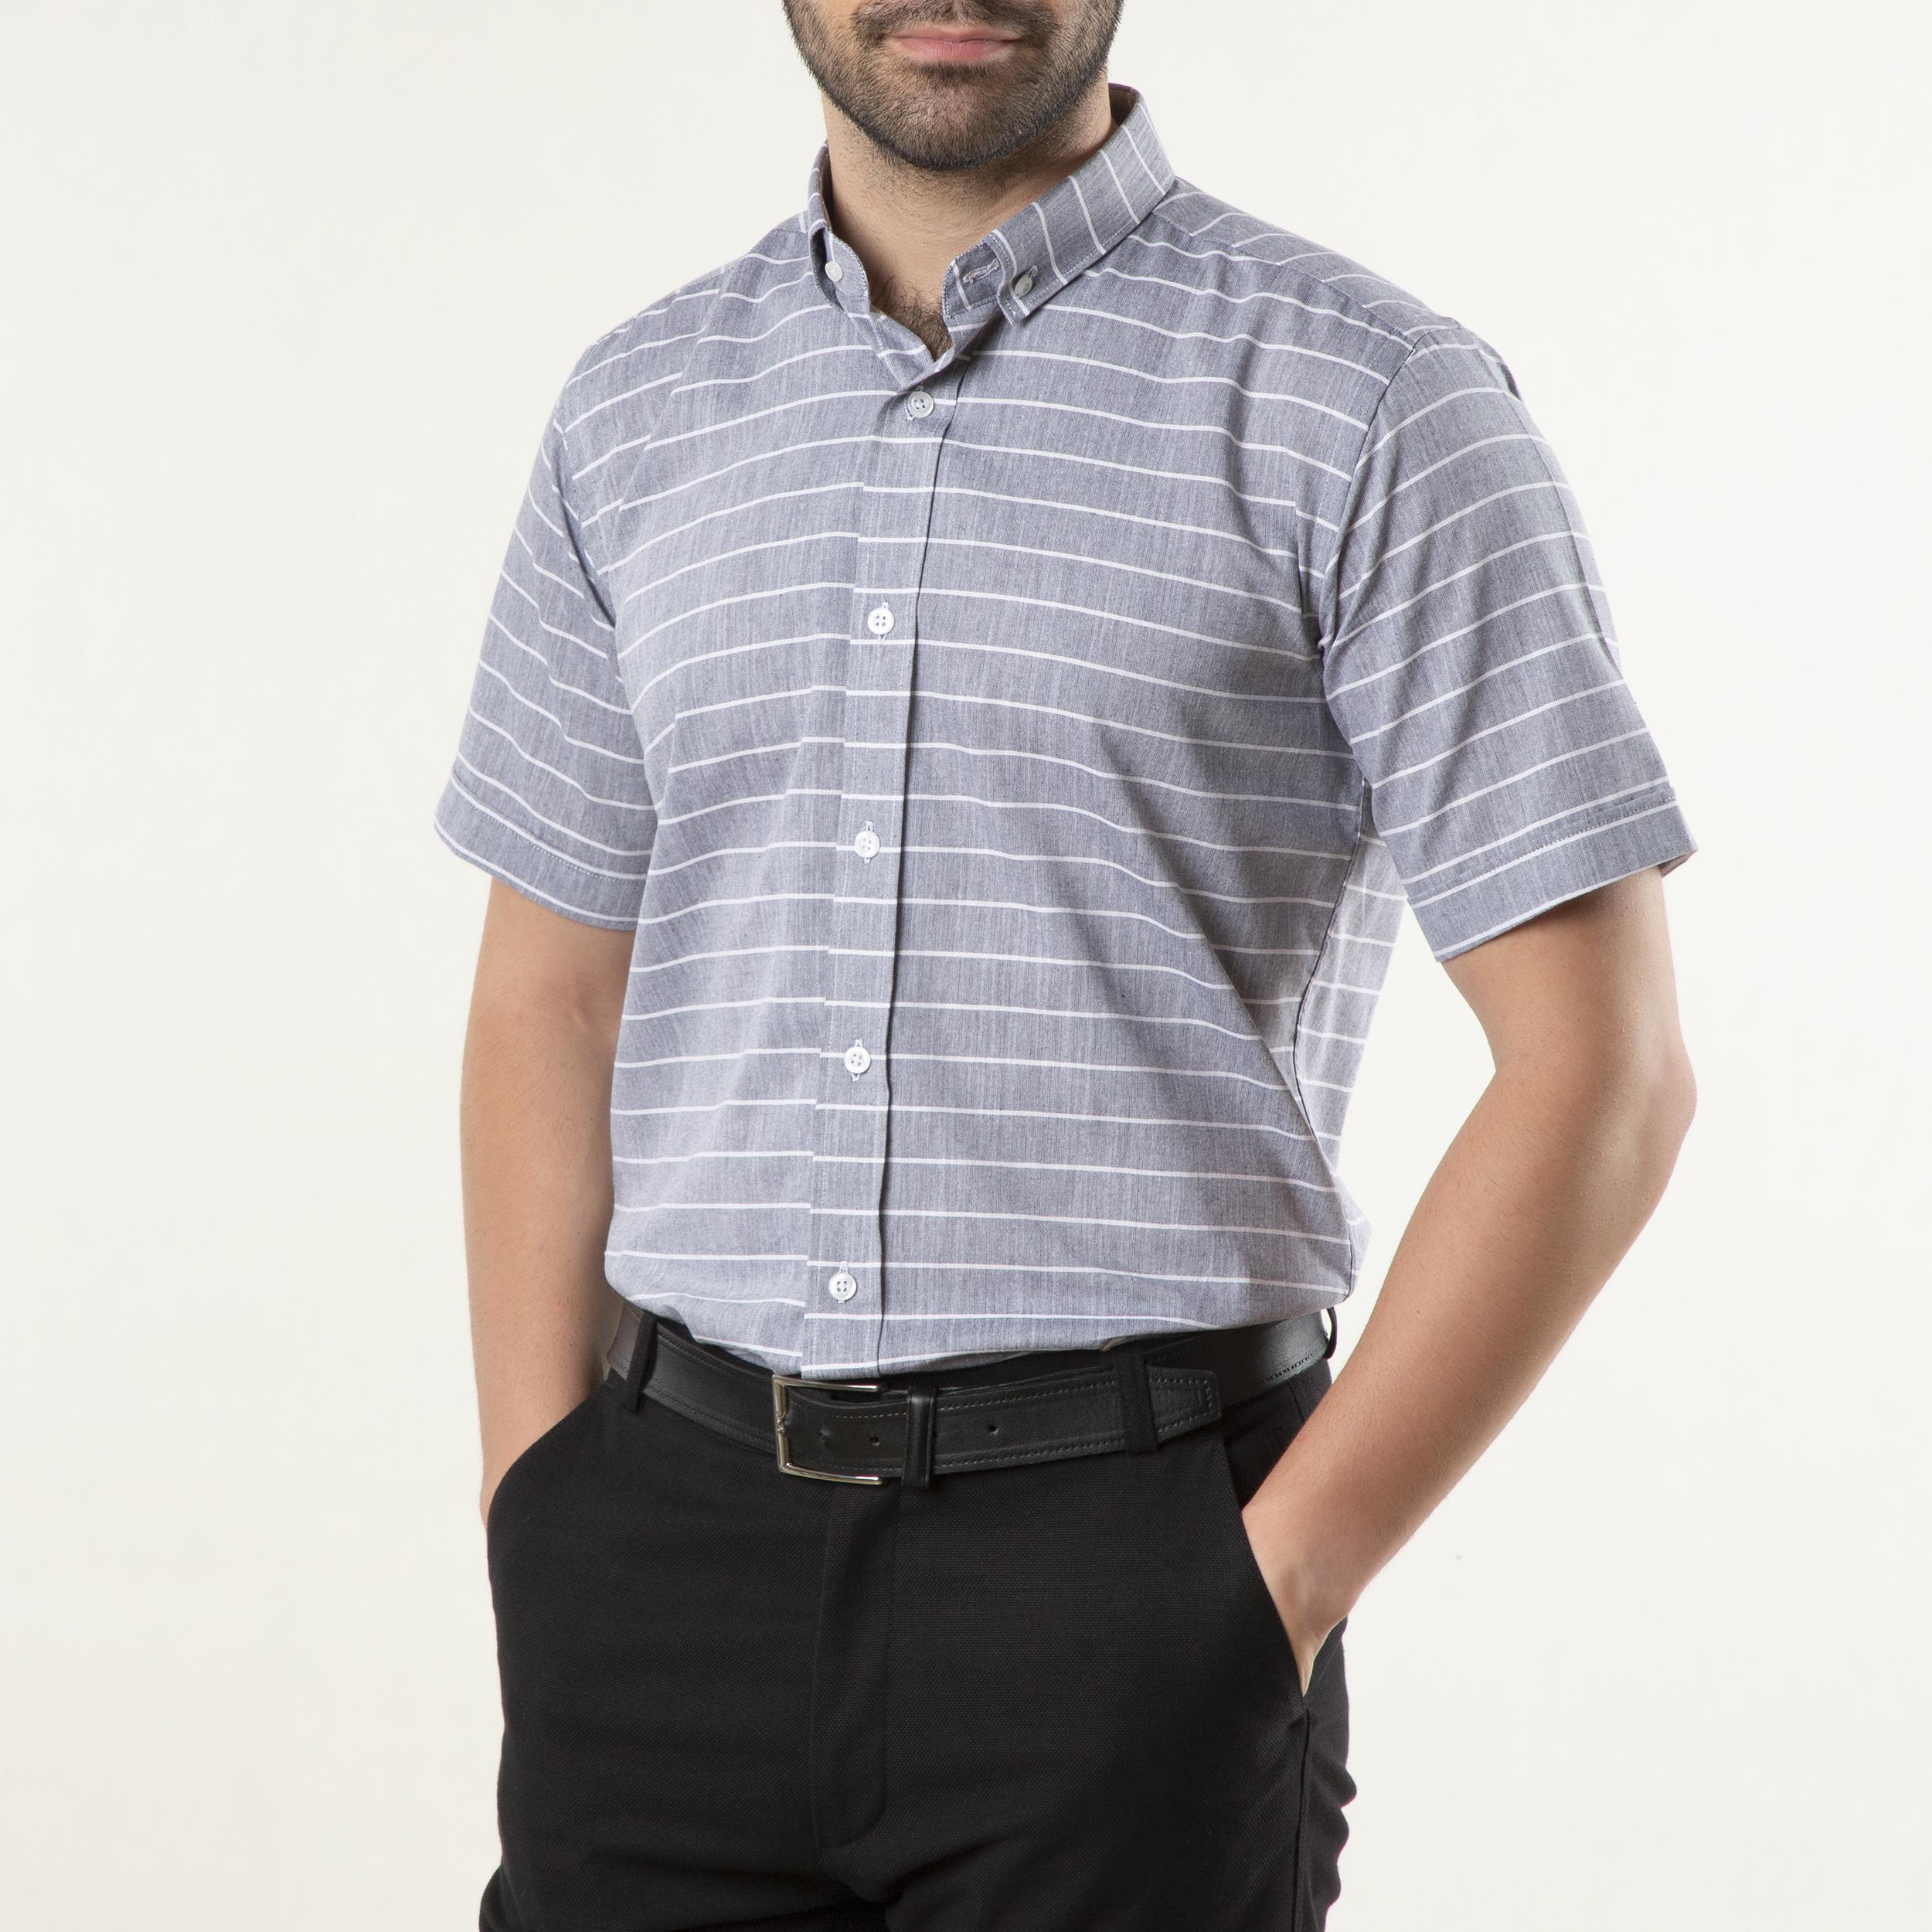 پیراهن مردانه زی سا مدل 15314920199